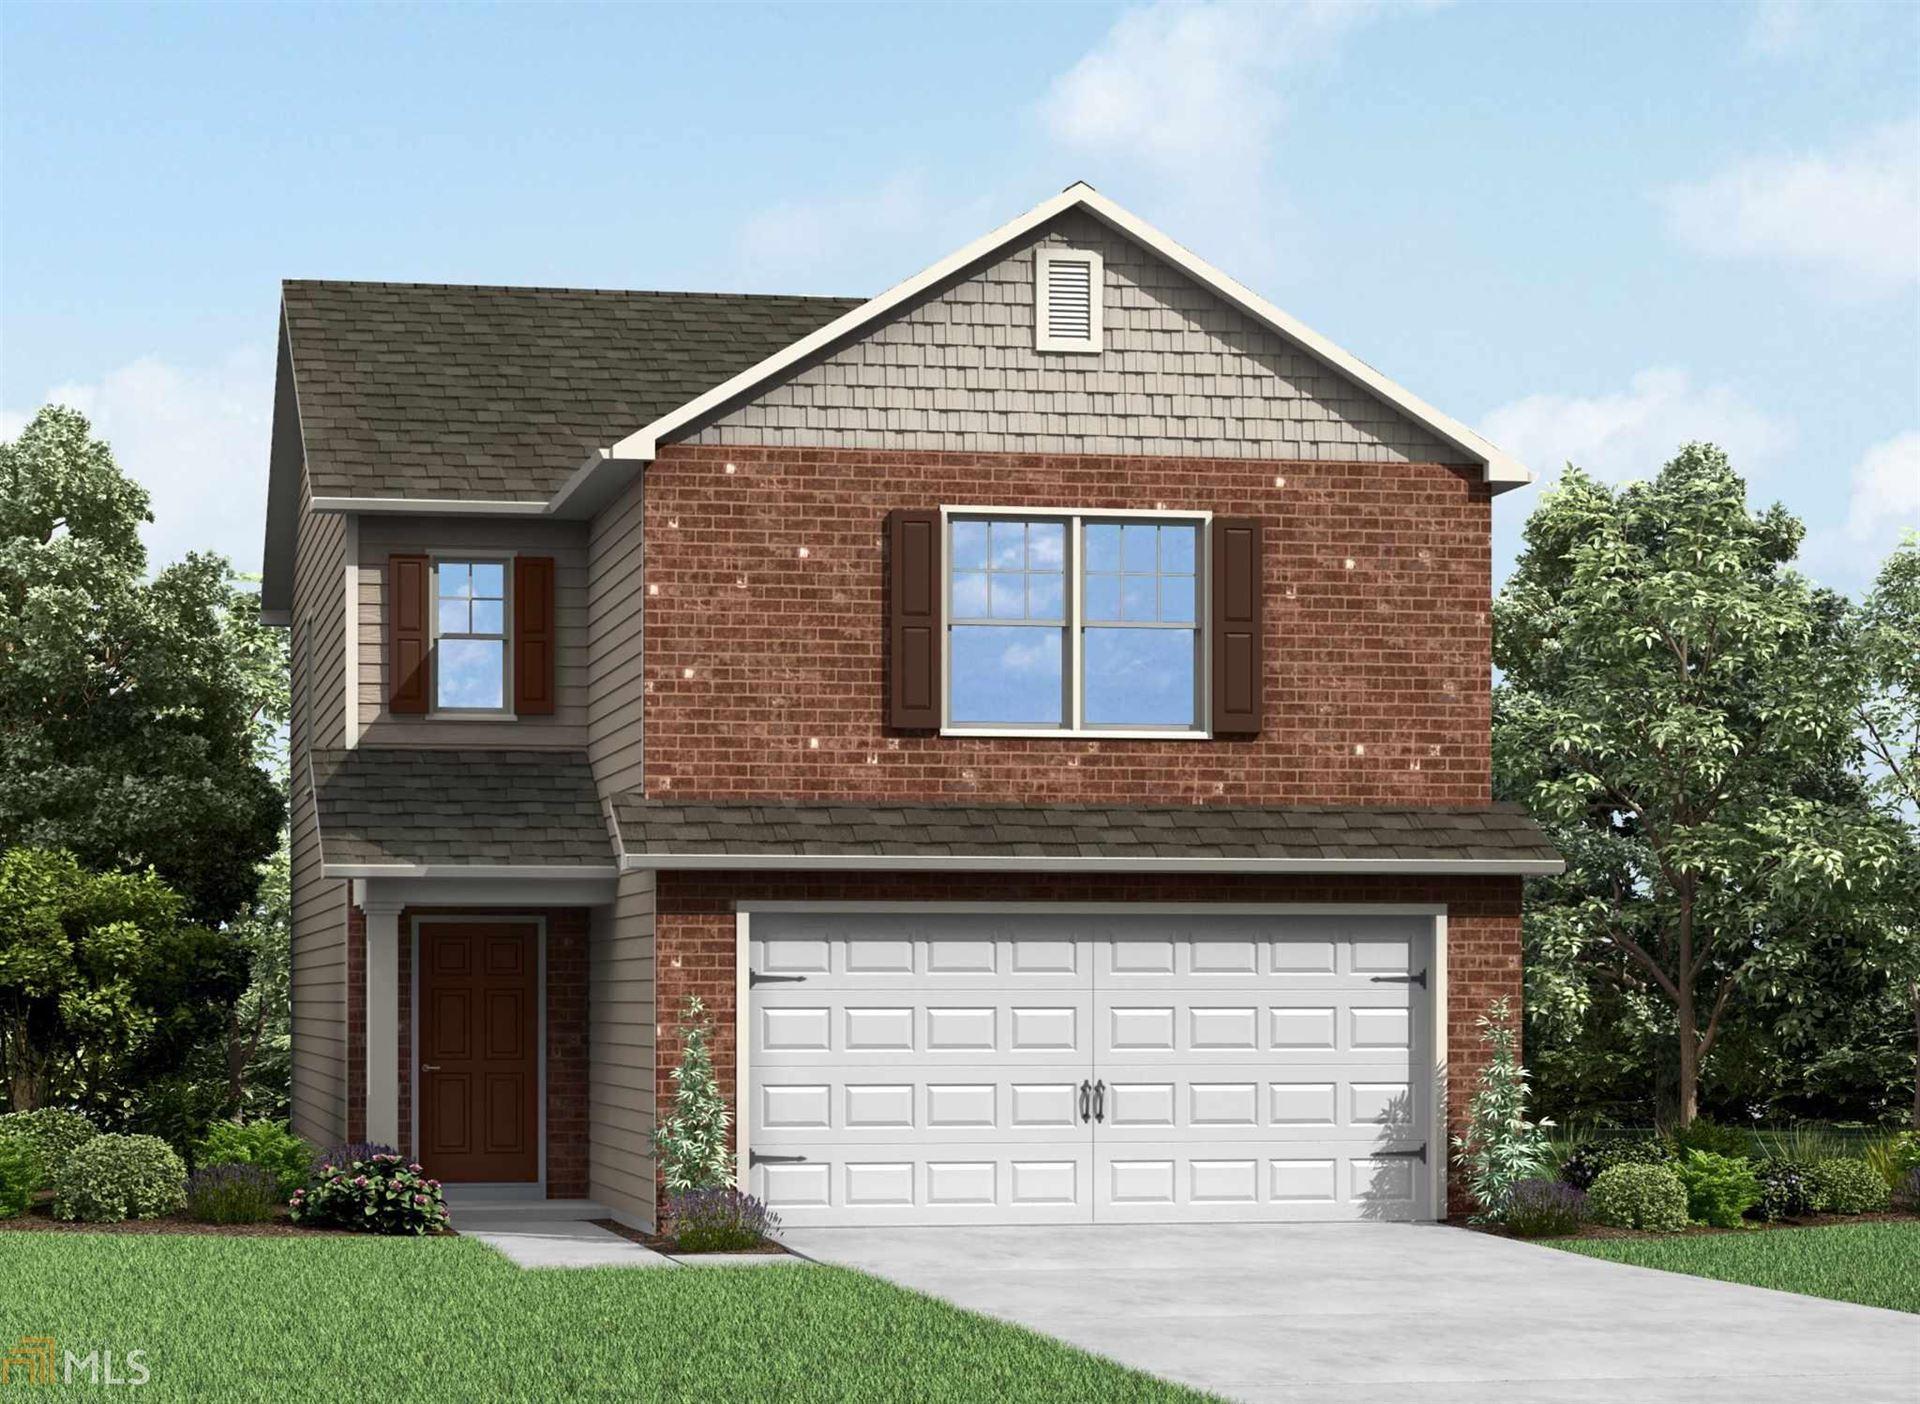 122 Cypress Point Rd, Cartersville, GA 30120 - MLS#: 8878413